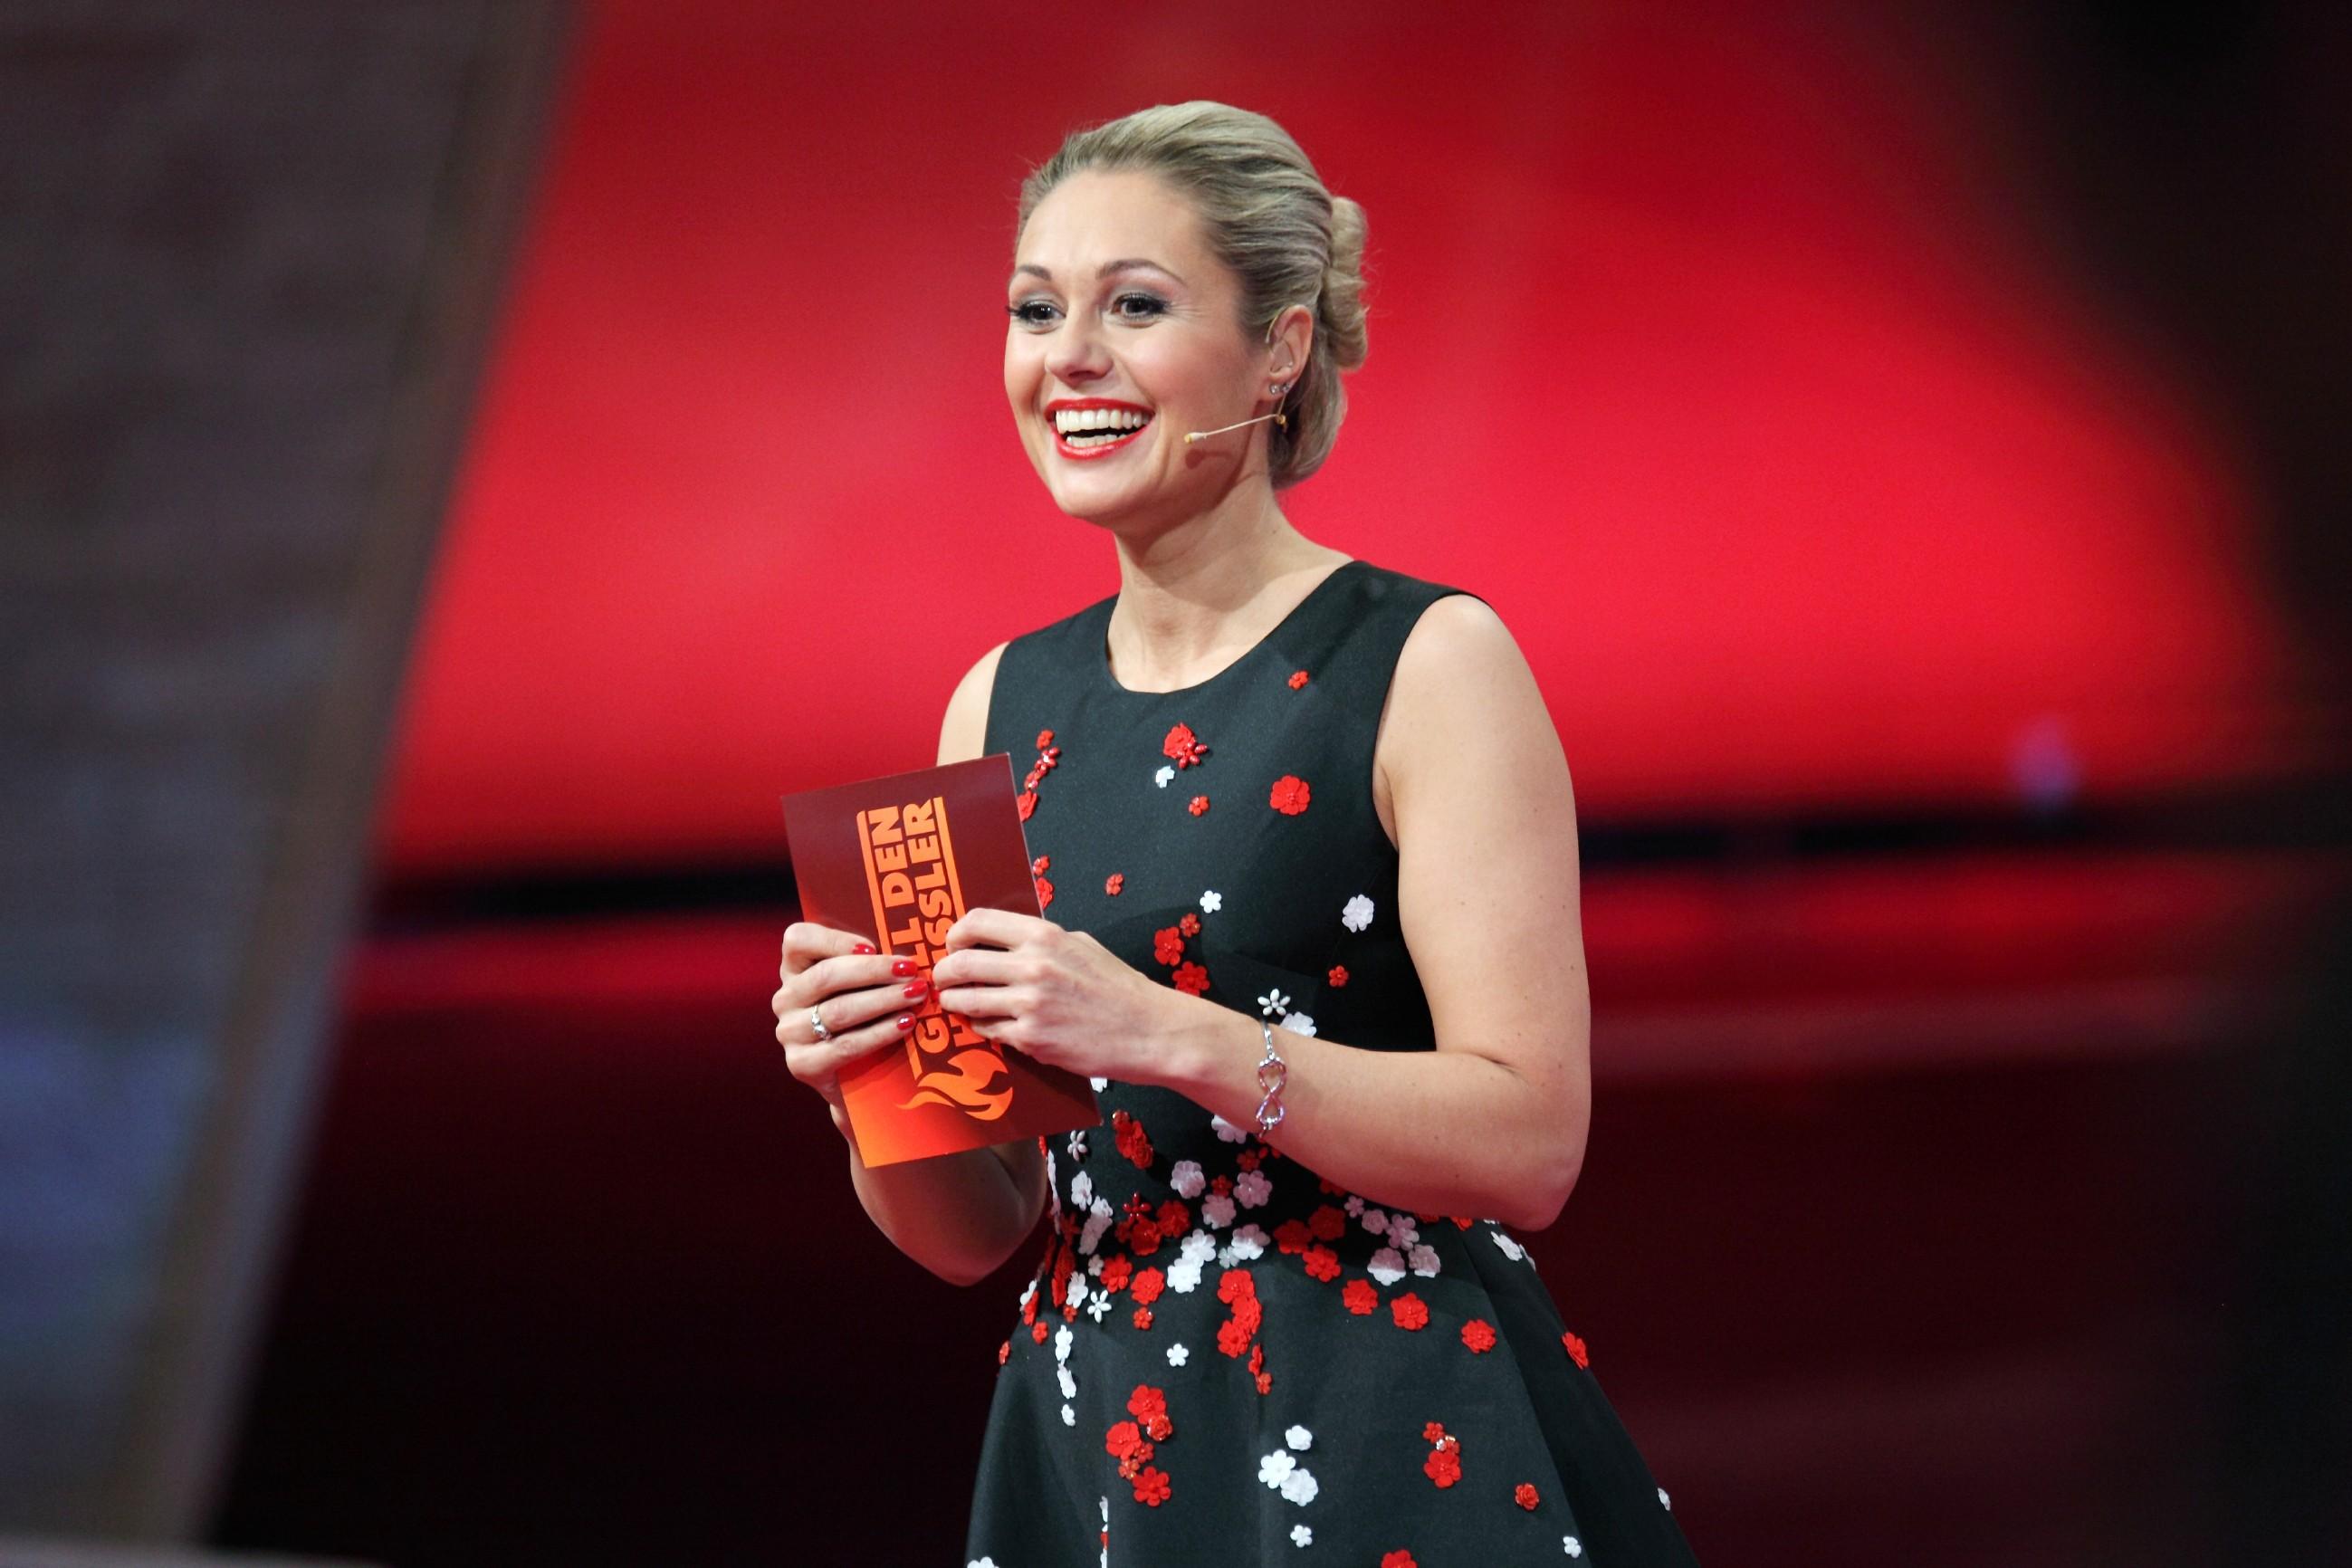 Grill Den Henssler 2016 Moderatorin Ruth Moschner Stars On Tv